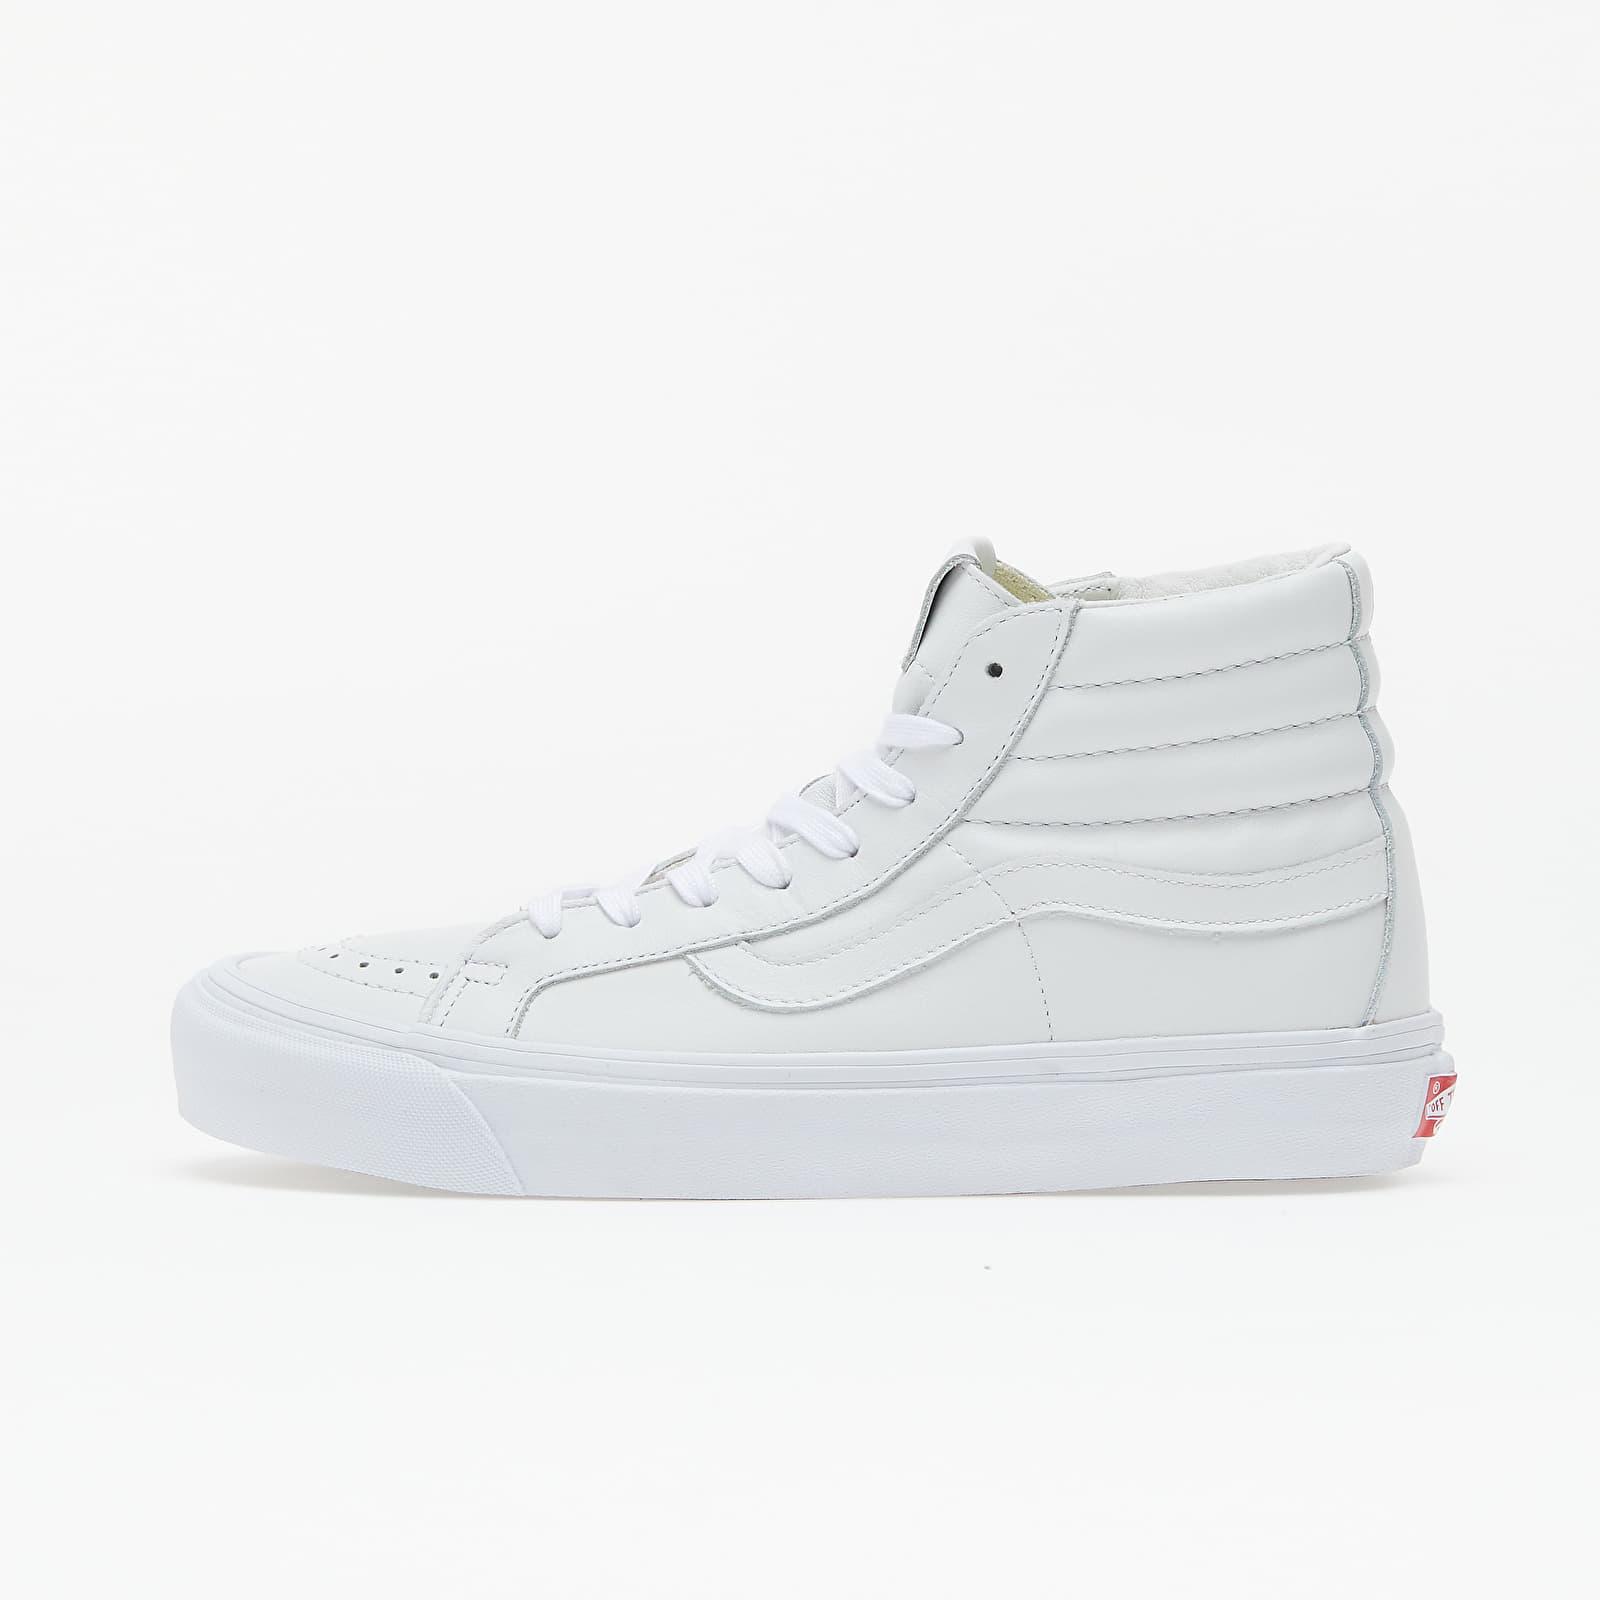 Vans Vault OG Sk8-Hi LX White VN0003T01NT1